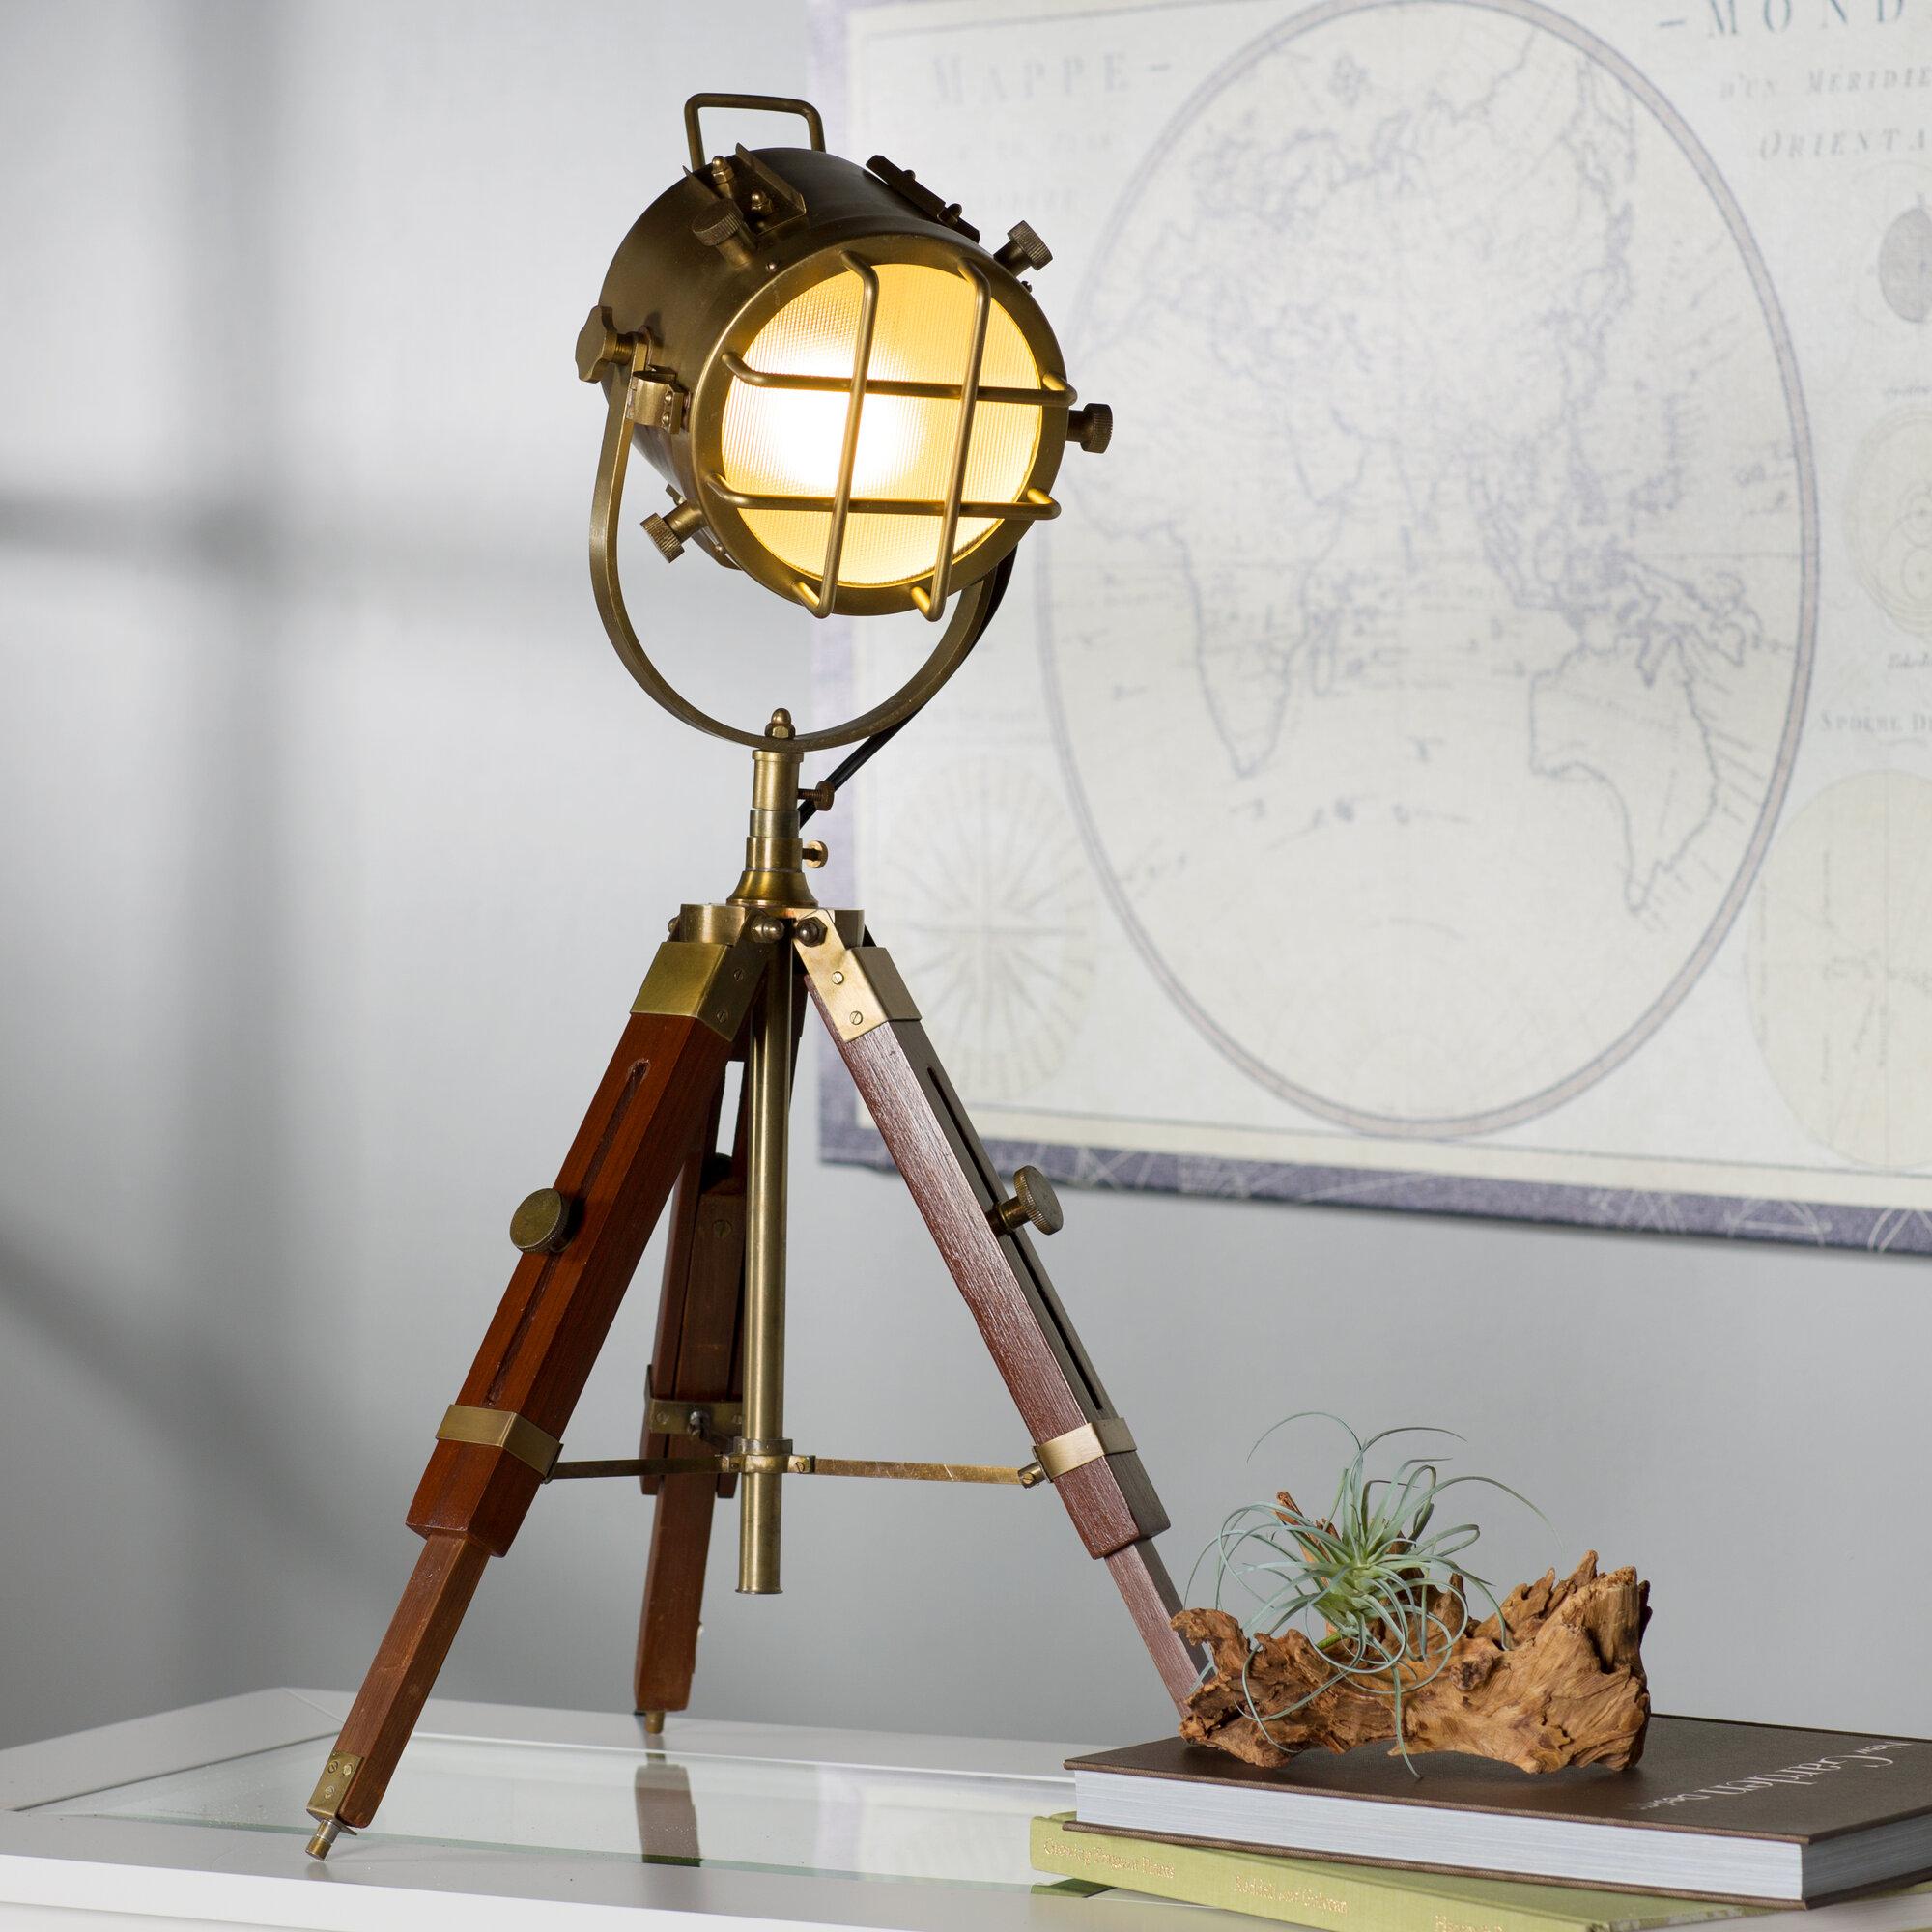 Breakwater bay keyes spot light 27 tripod table lamp ebay - Tripod spotlight table lamp ...